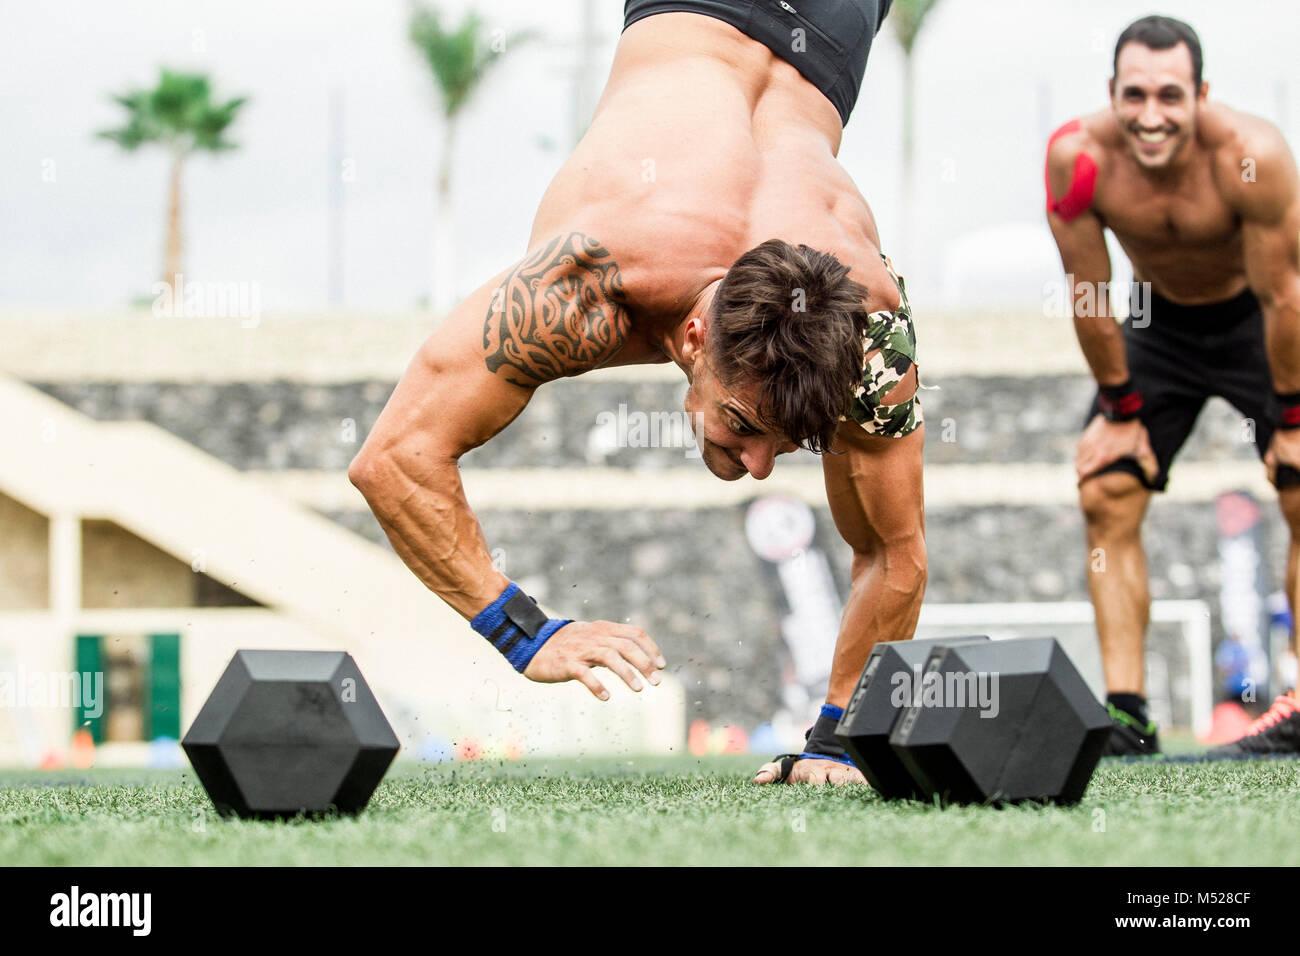 Hombre haciendo pino durante la competencia crossfit, Tenerife, Islas Canarias, España Imagen De Stock